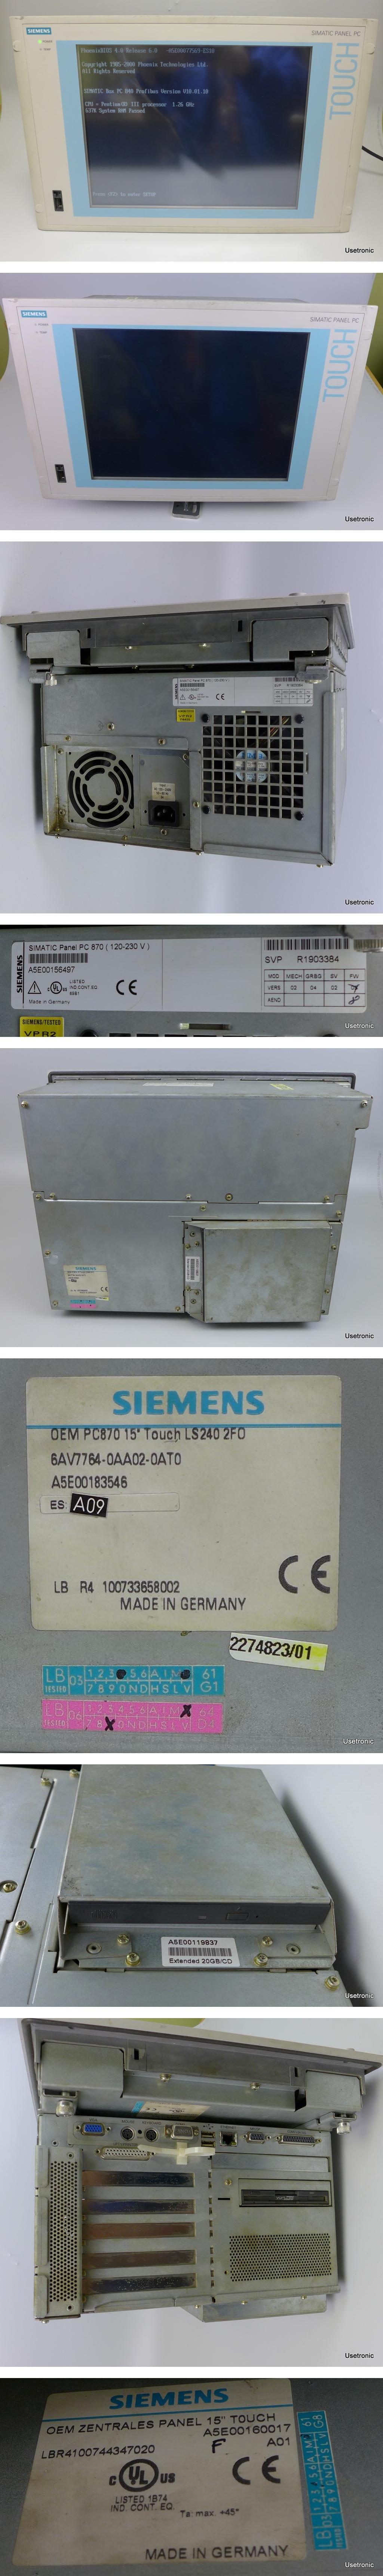 Siemens 6AV7764-0AA02-0AT0